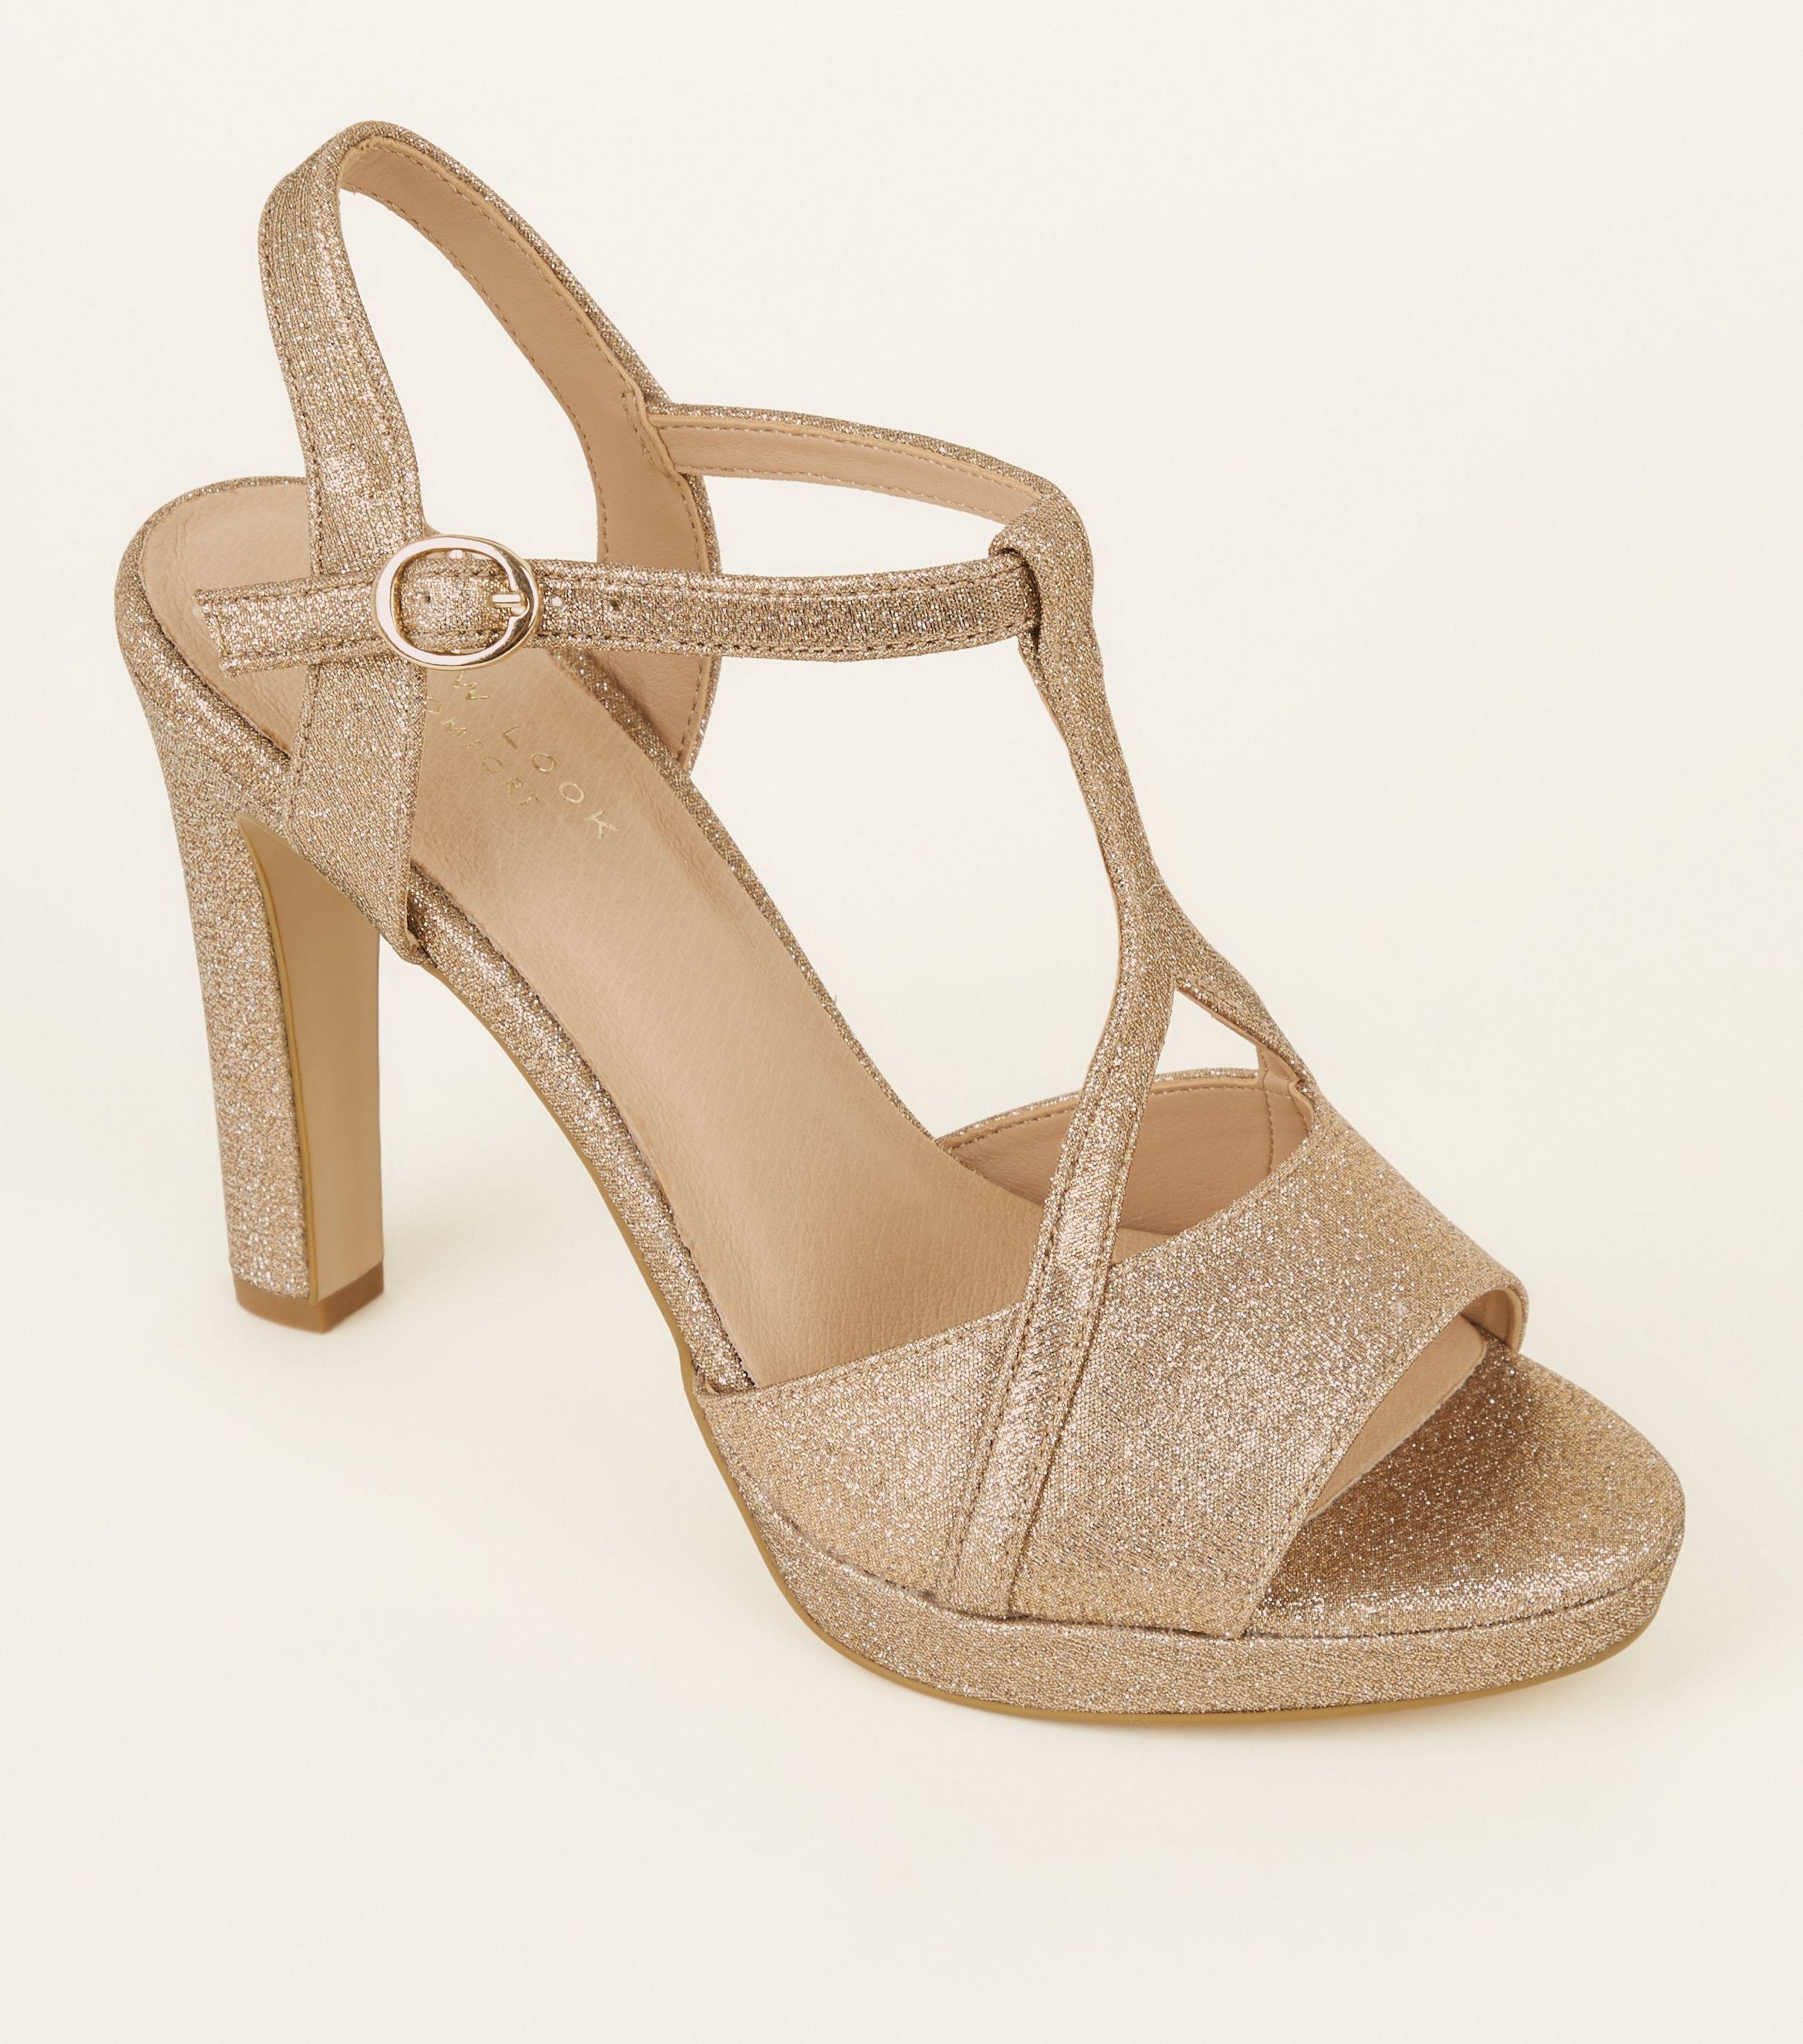 54bca545f1317b New Look Gold Glitter Comfort T-bar Platform Sandals in Metallic - Lyst